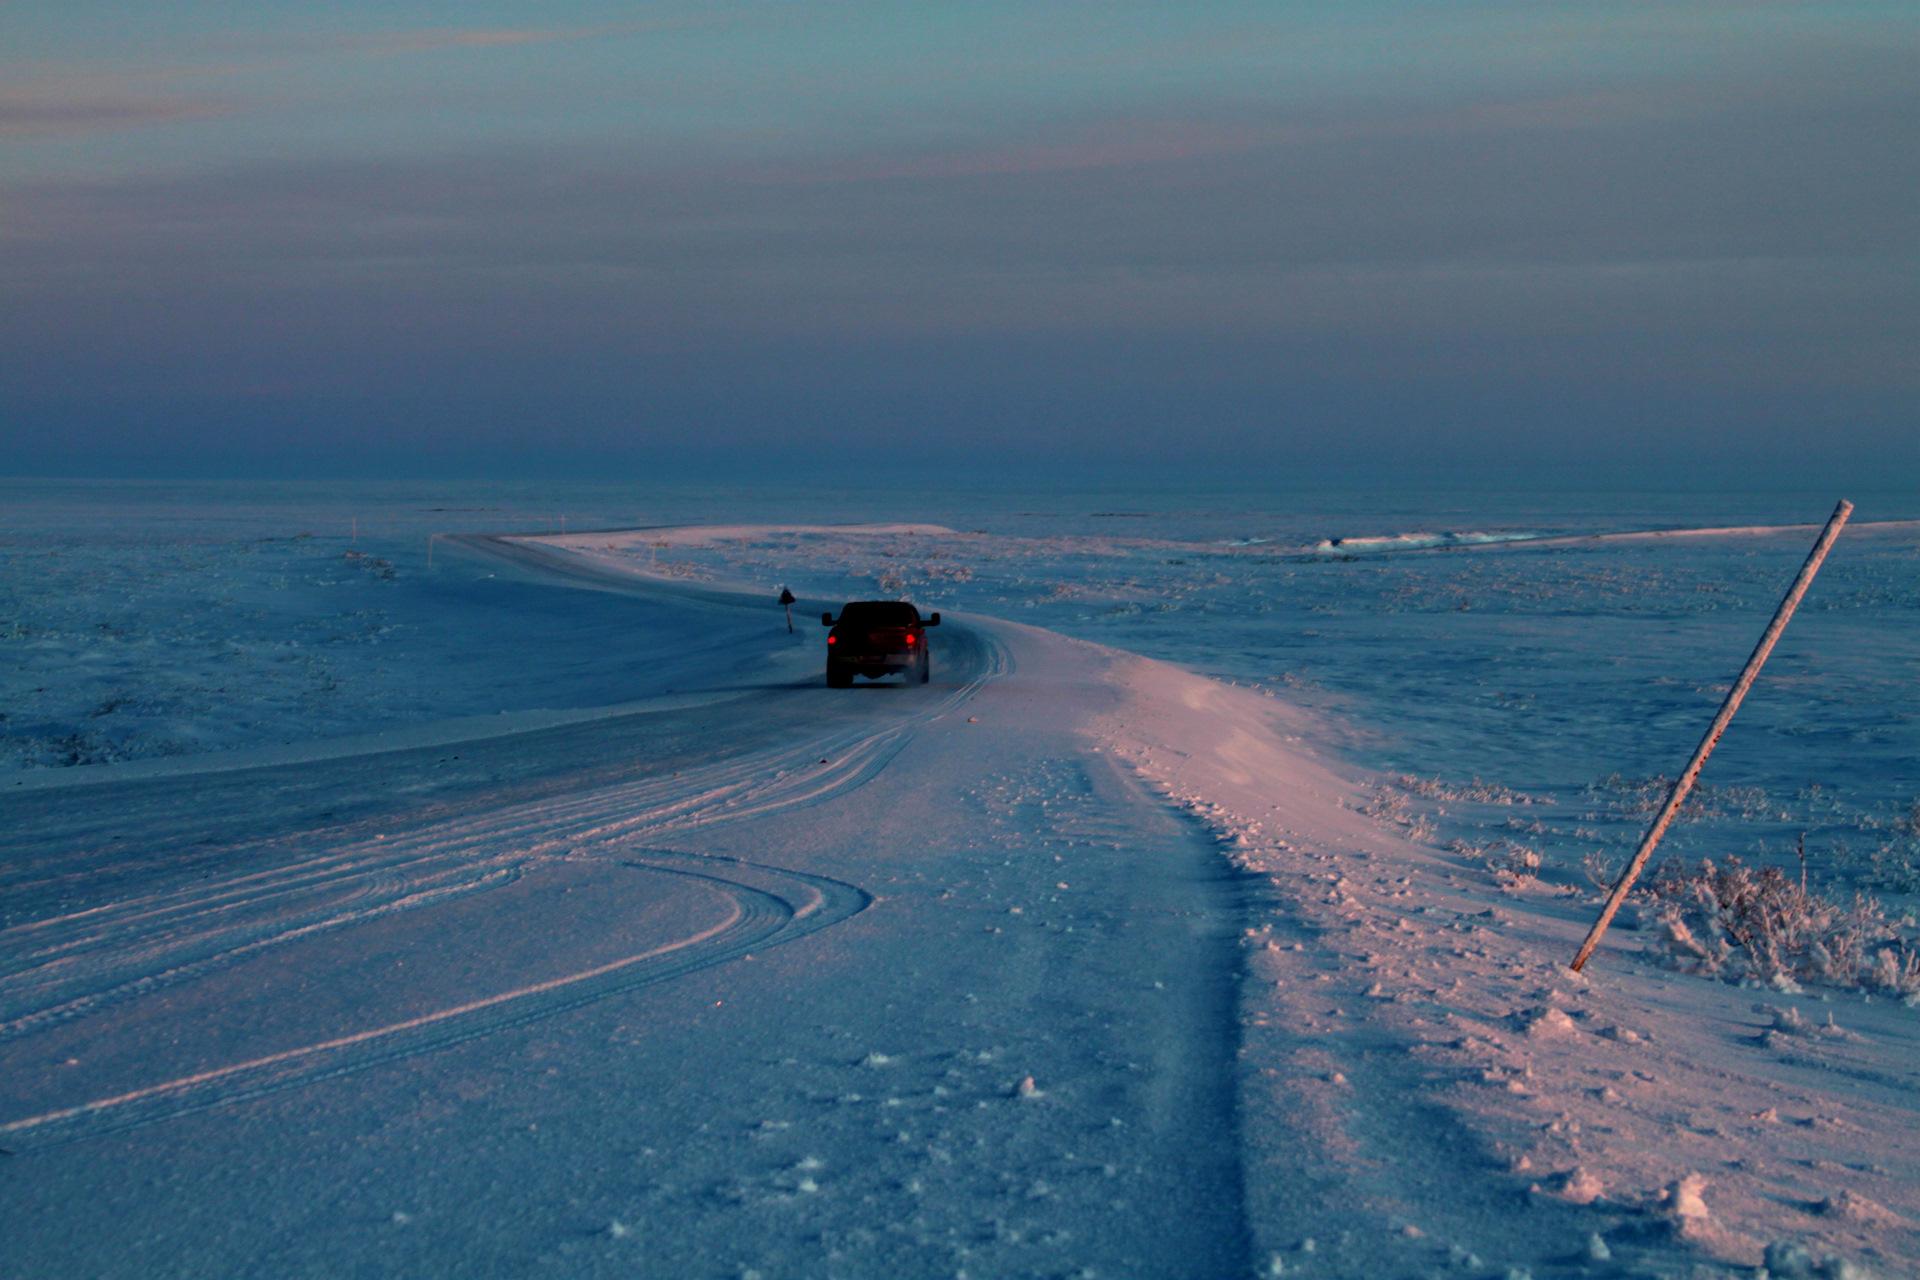 бедолага пересекли полярный круг фото ямал вспомнил, как